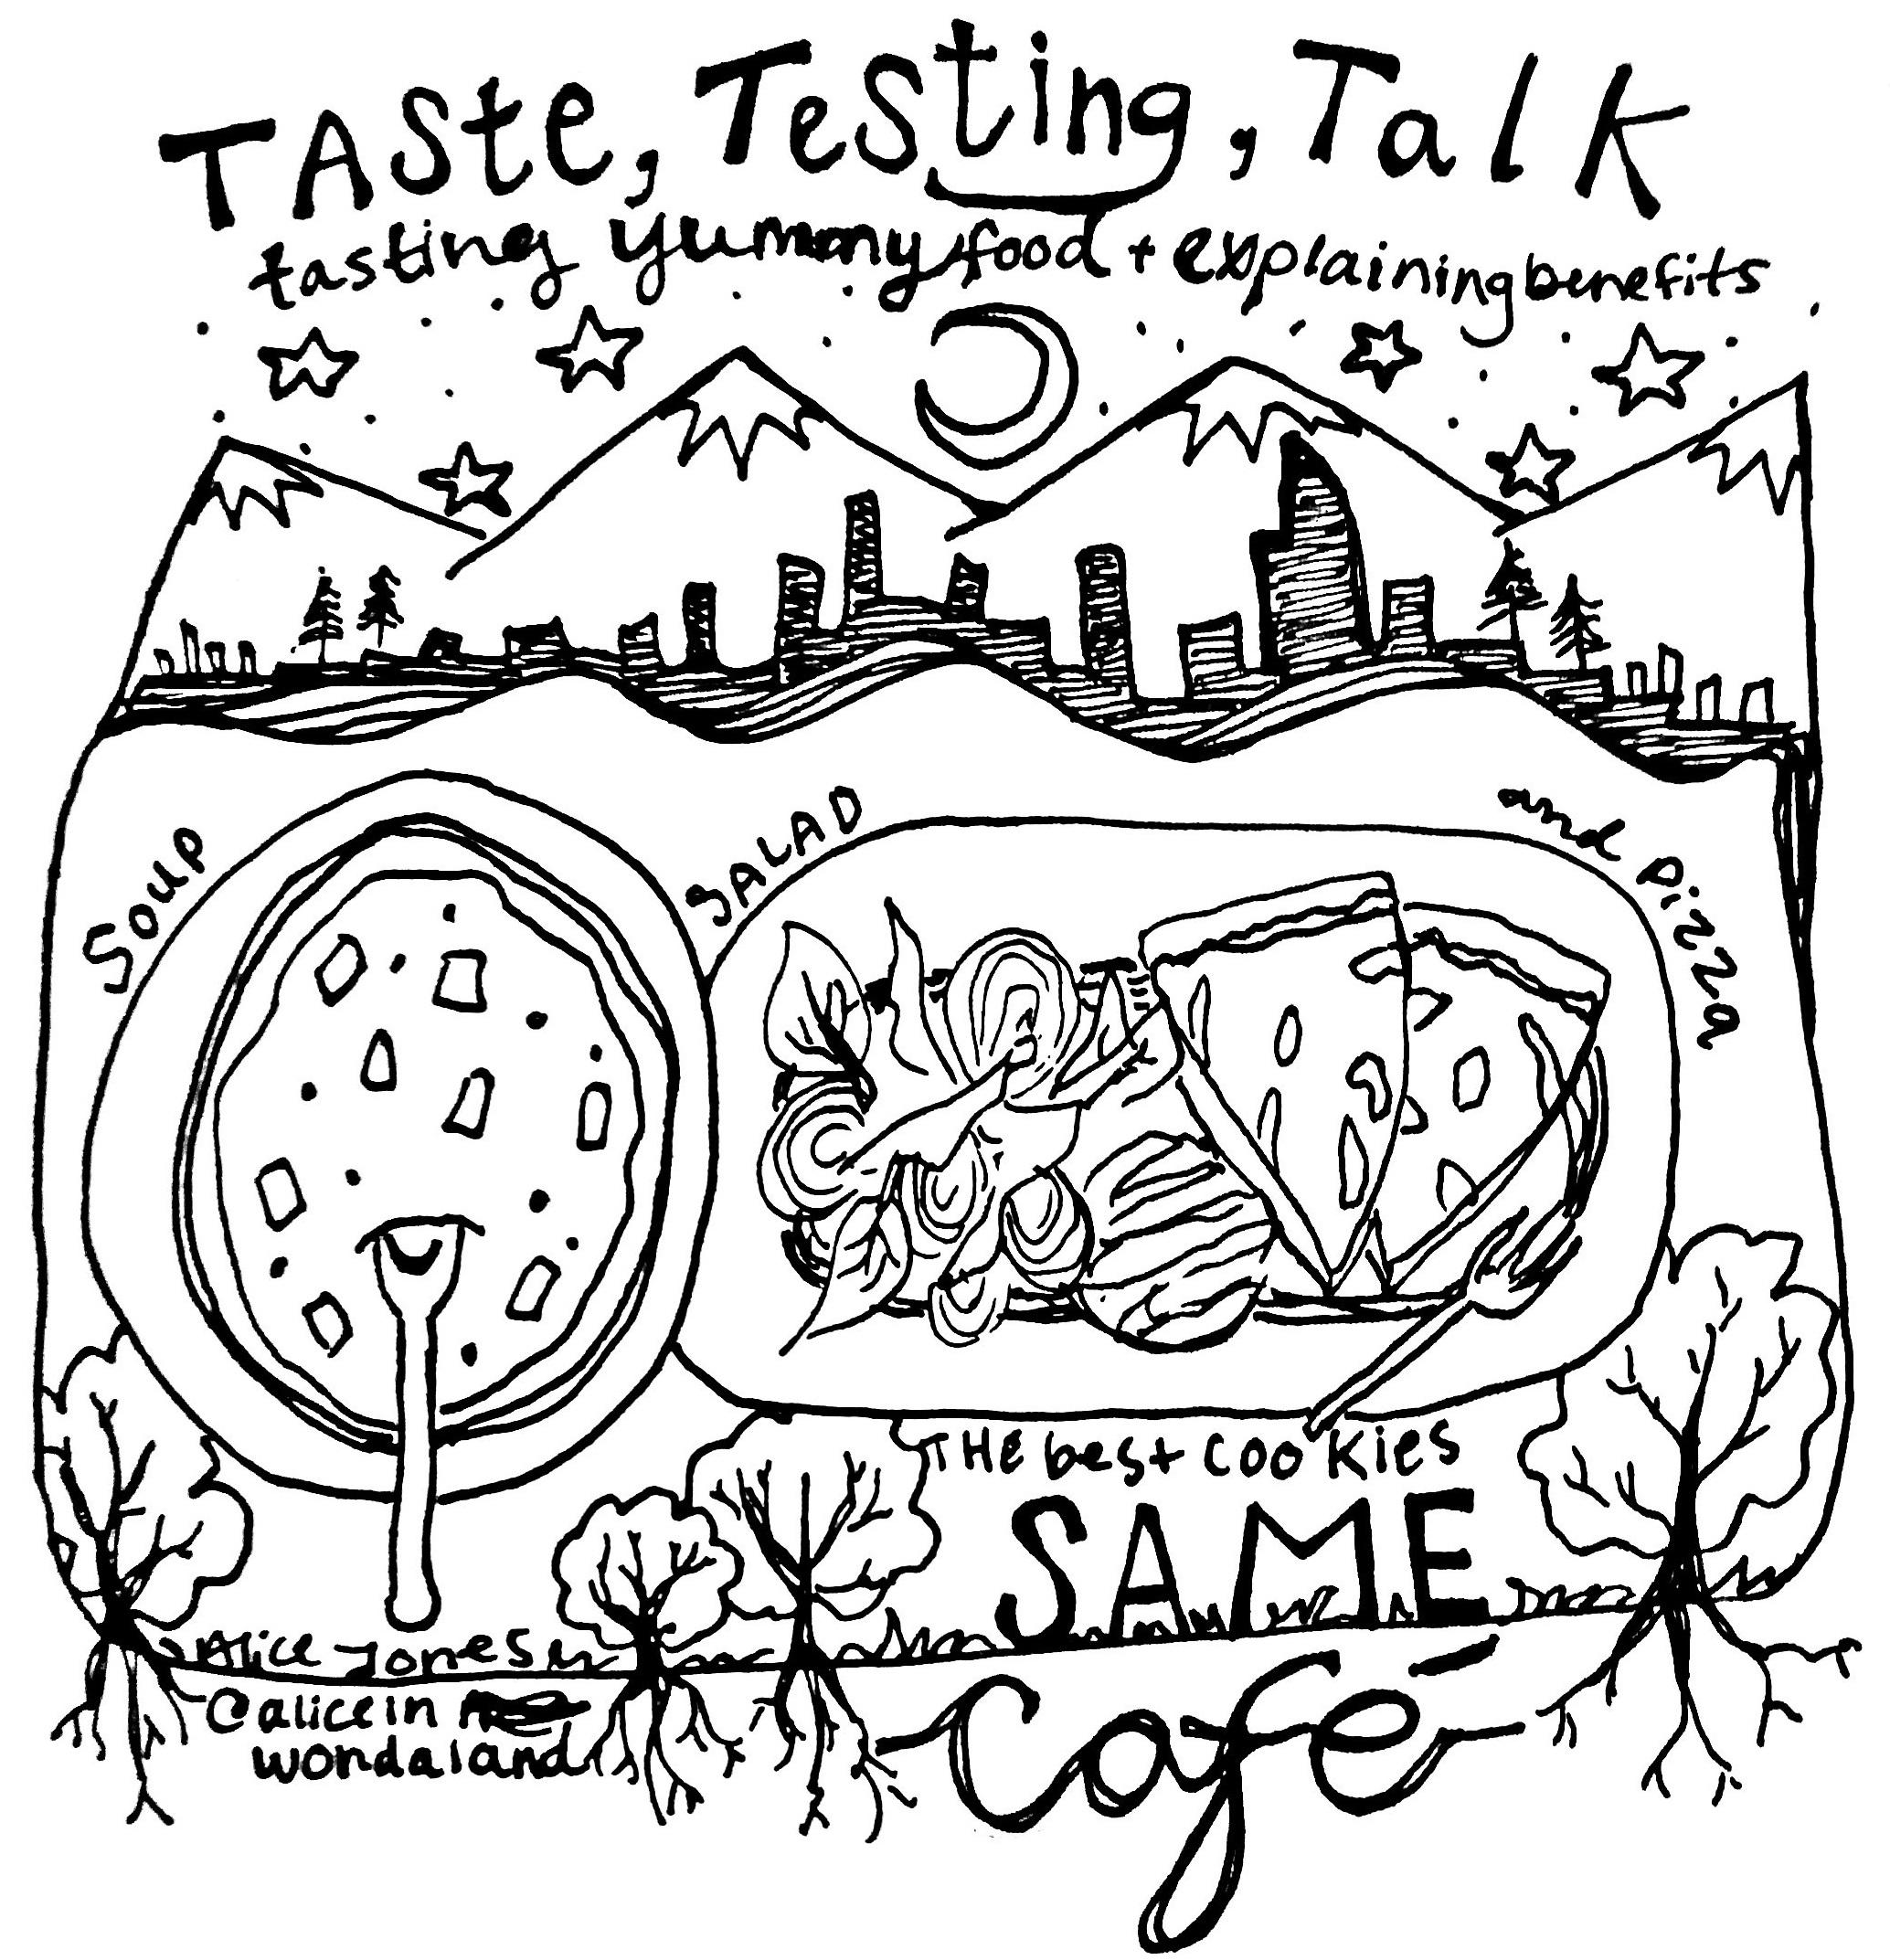 taste+testing+talk+cover.jpg